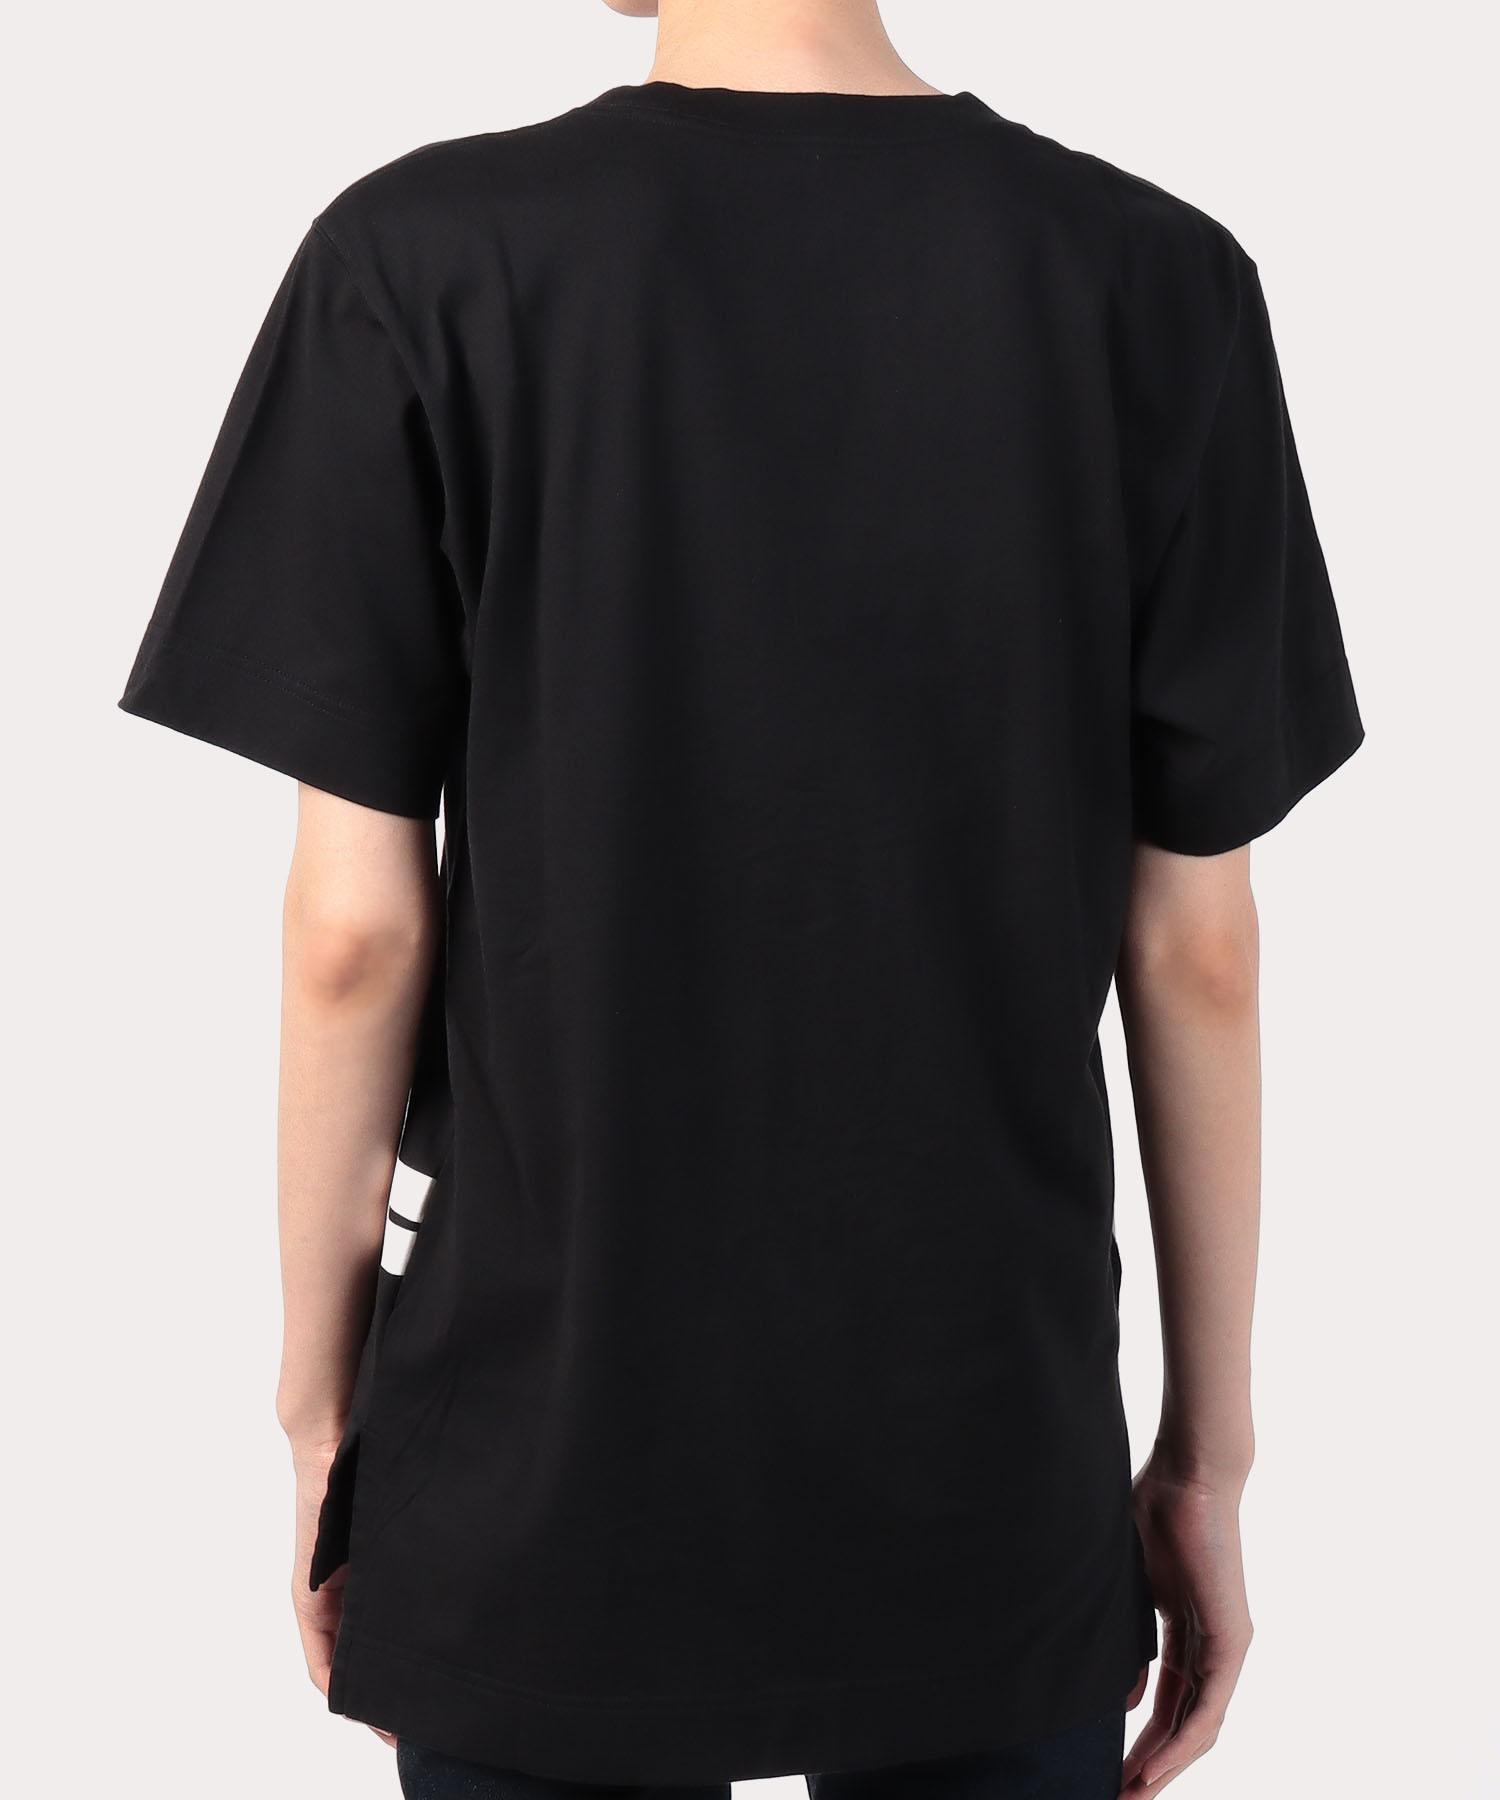 シードツリー ボーイズTシャツ